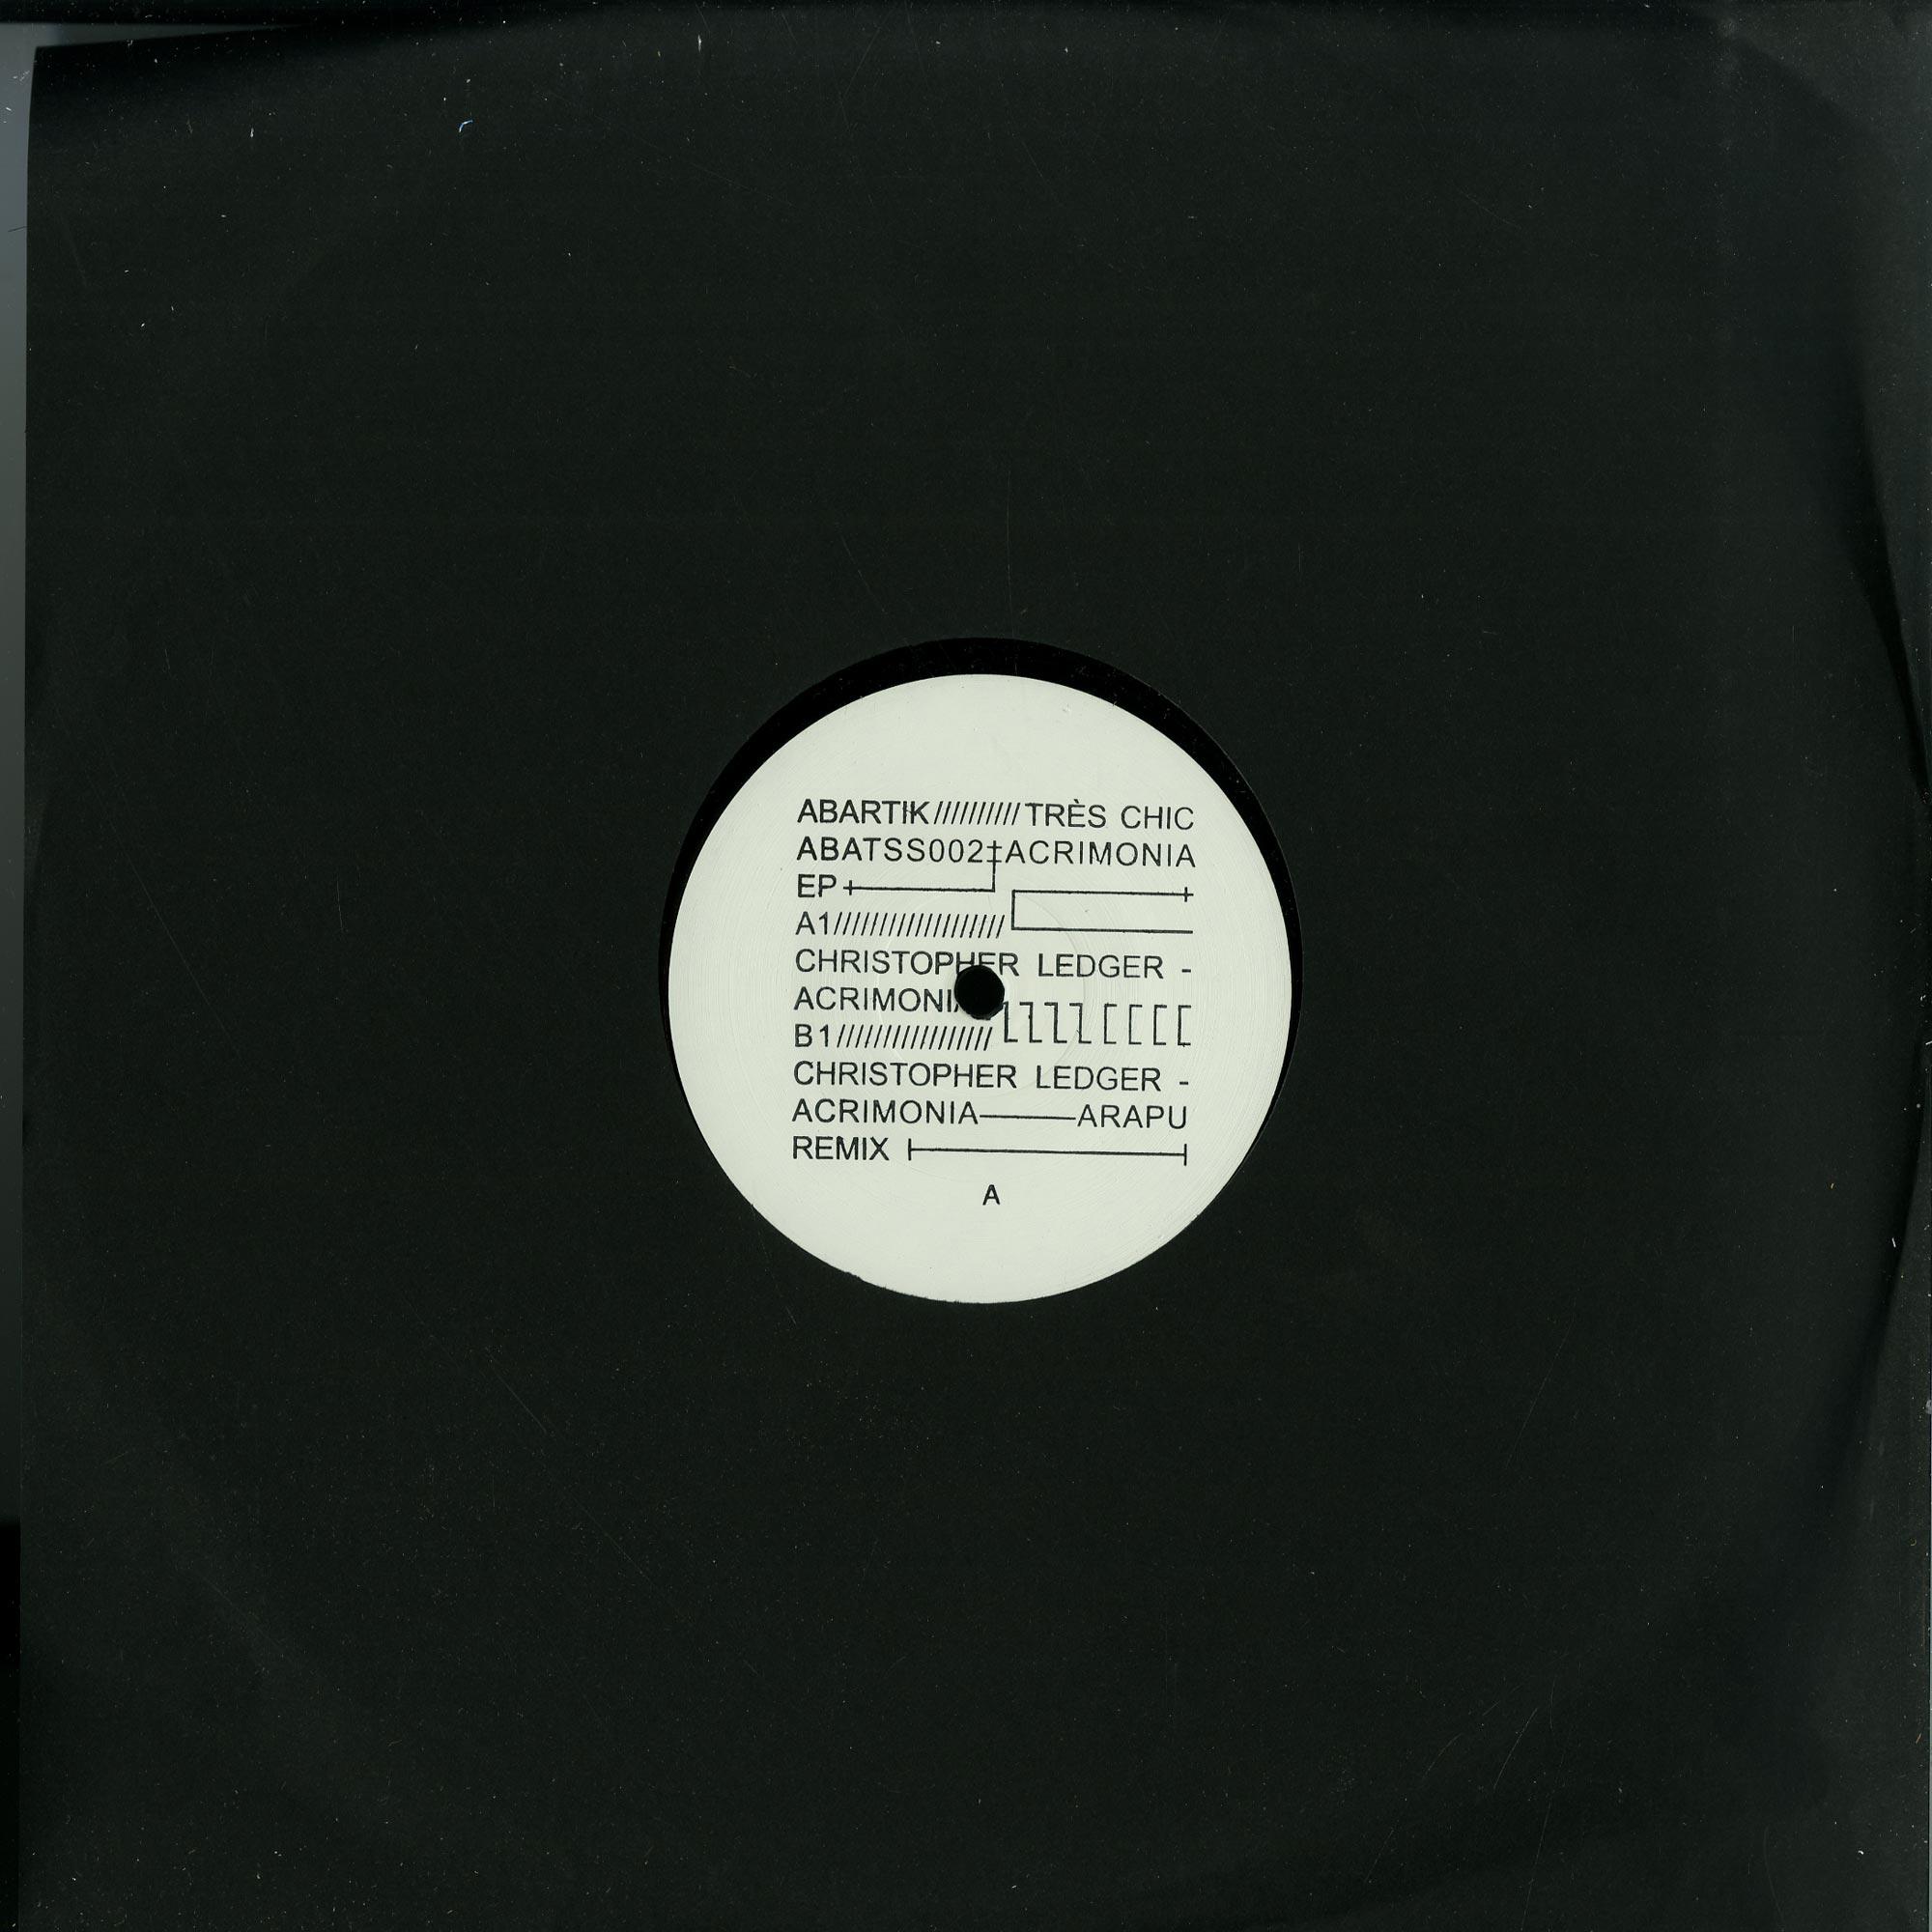 Christopher Ledger - ACRIMONIA EP